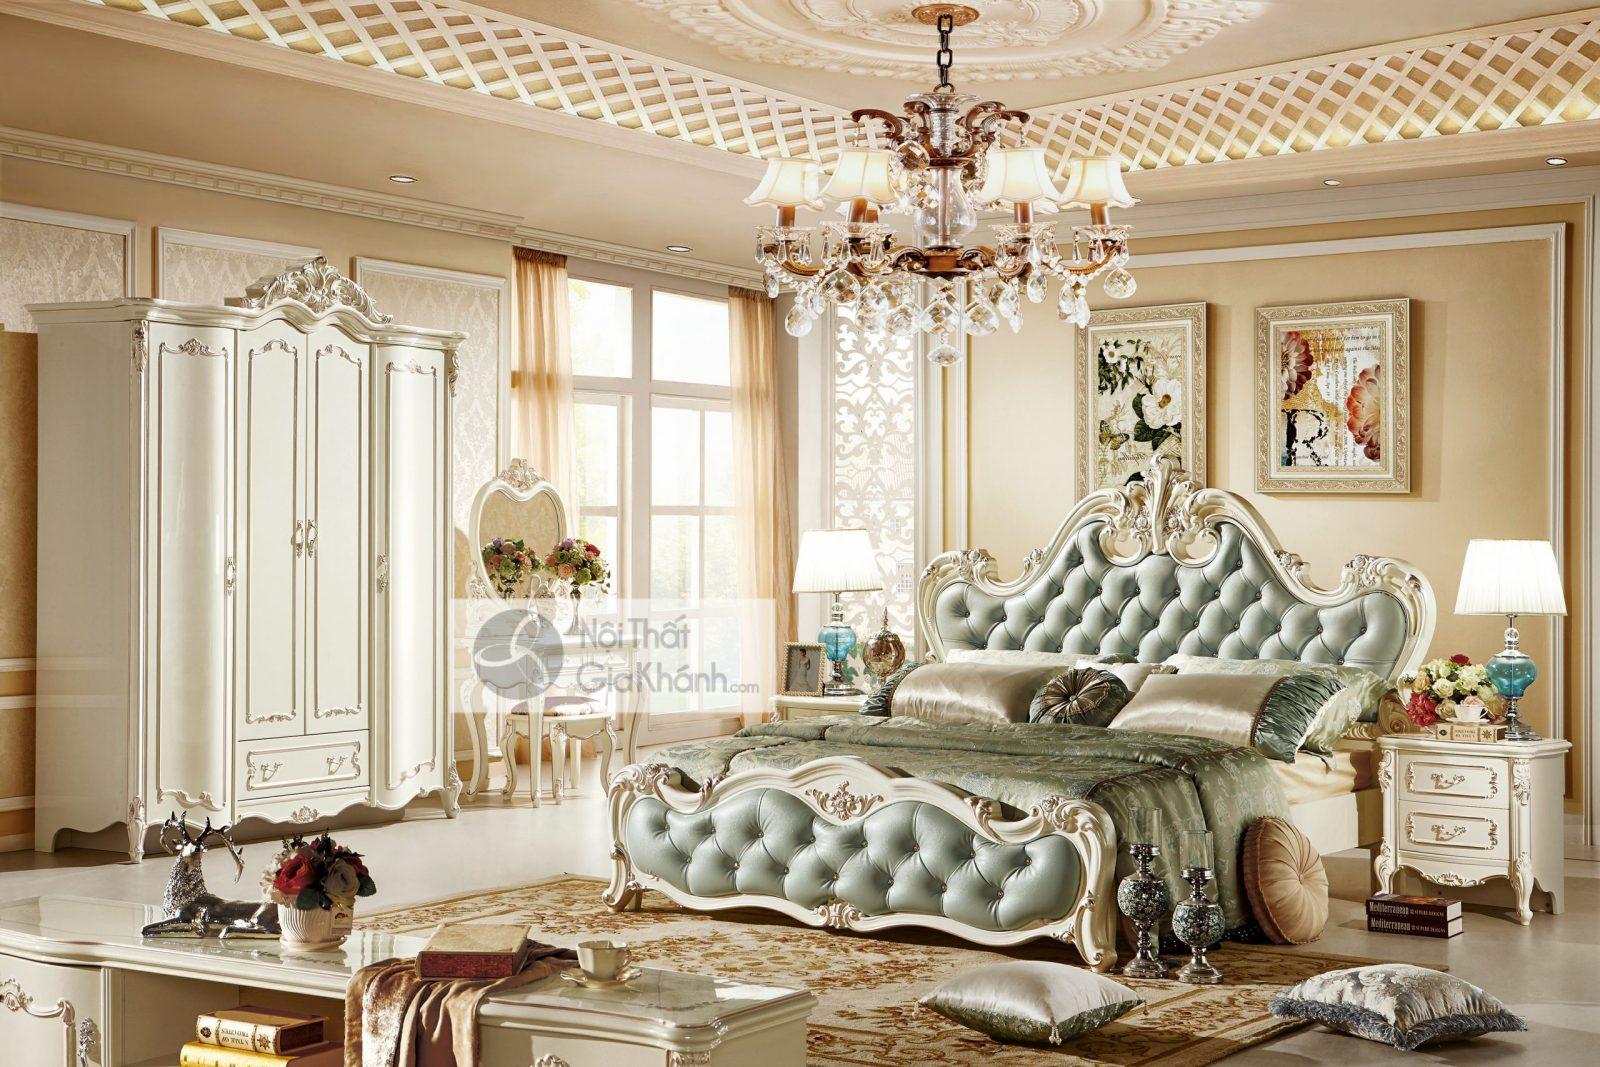 Giường Ngủ Tân Cổ Điển Màu Ngọc Trai Gi8801H Phong Cách Hoàng Gia